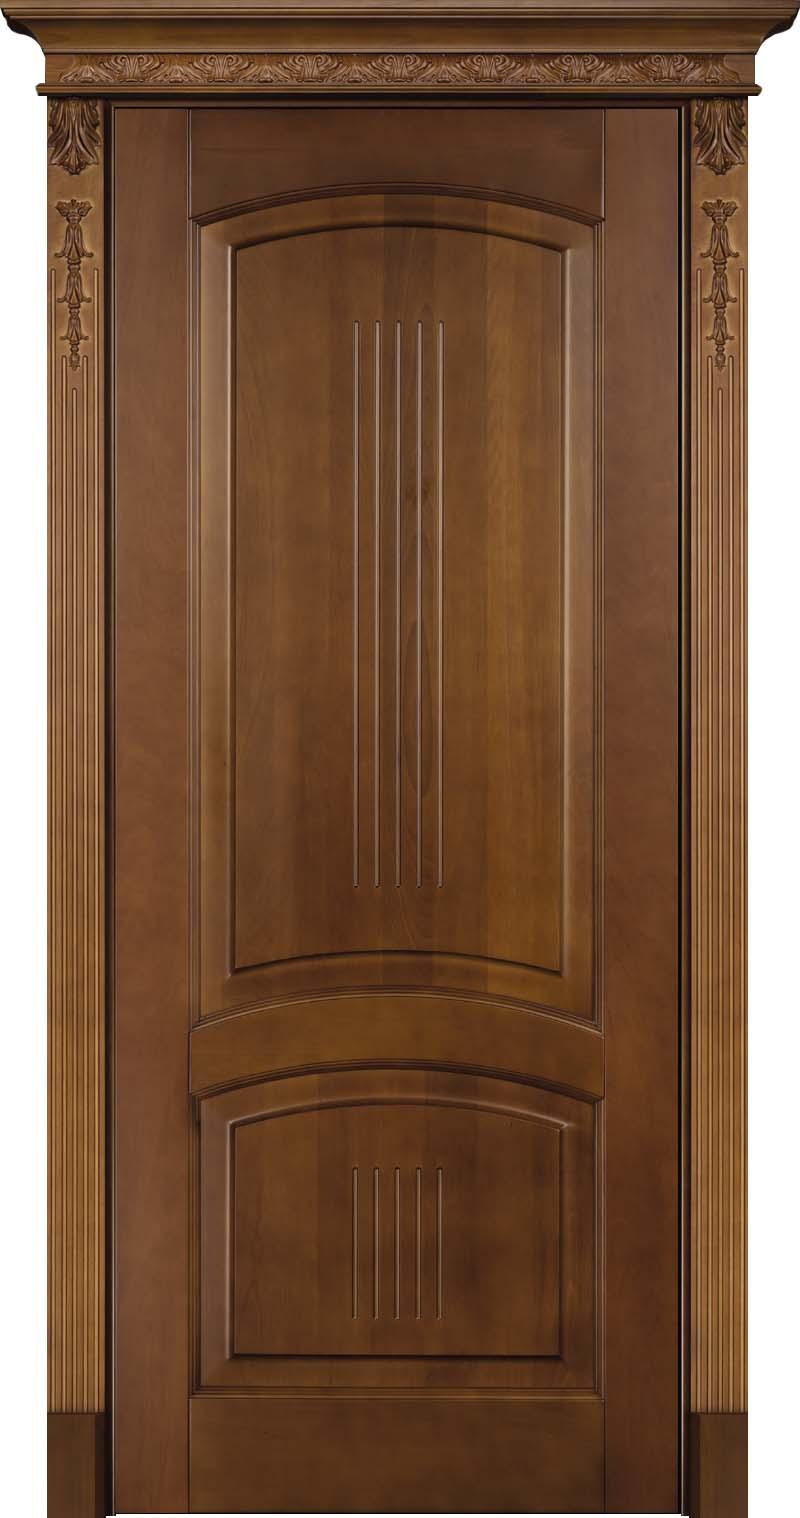 Суворов Светлый дуб - дверь из массива бука с карнизом и резными балясинами - Италия